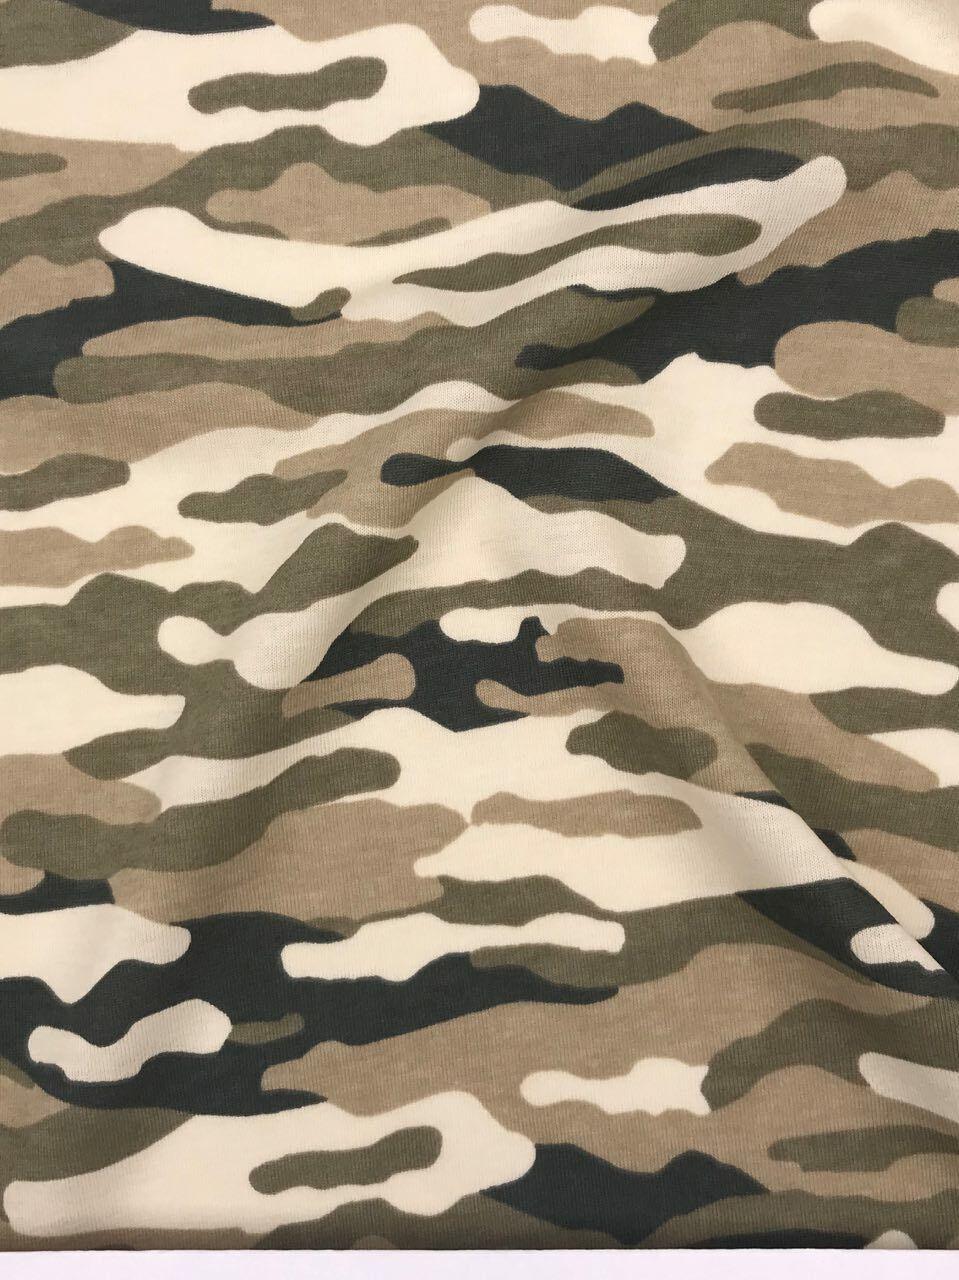 Jersey Interlock Kinderstoff Camouflage Military hellbeige Breite 155cm